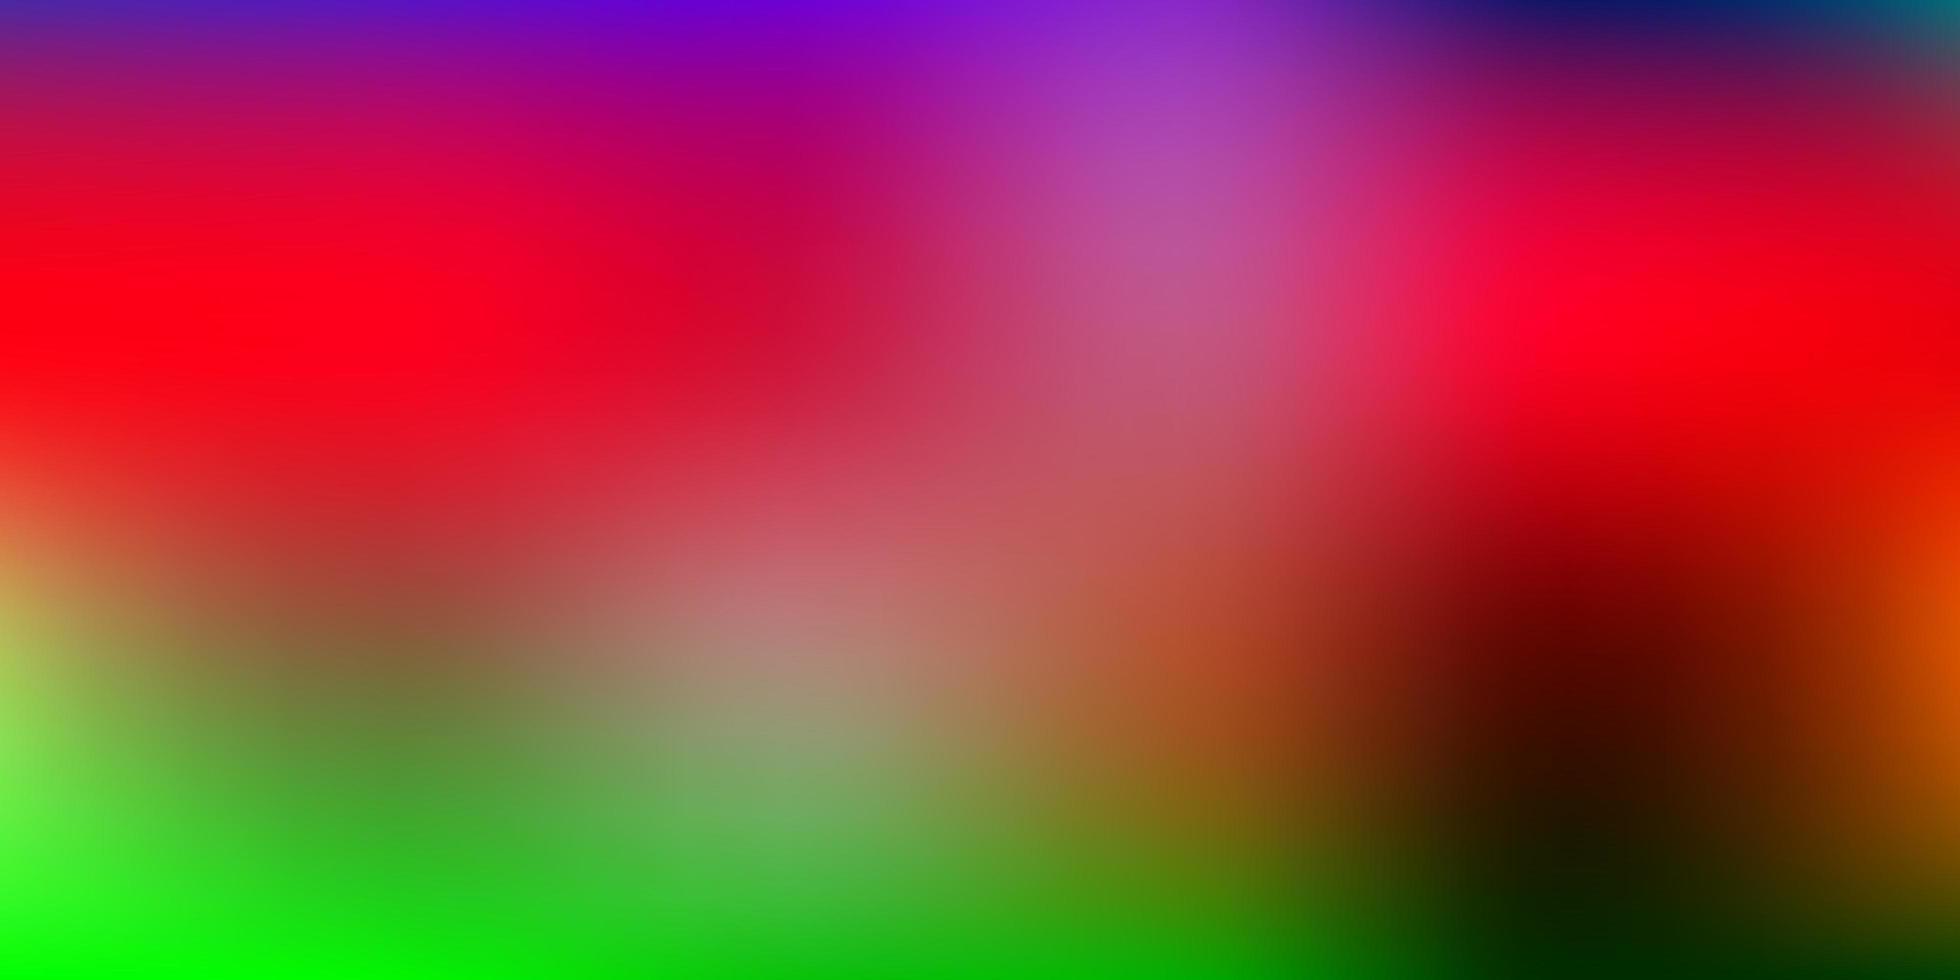 hellrosa, grüne Vektorverlaufsunschärfezeichnung. vektor